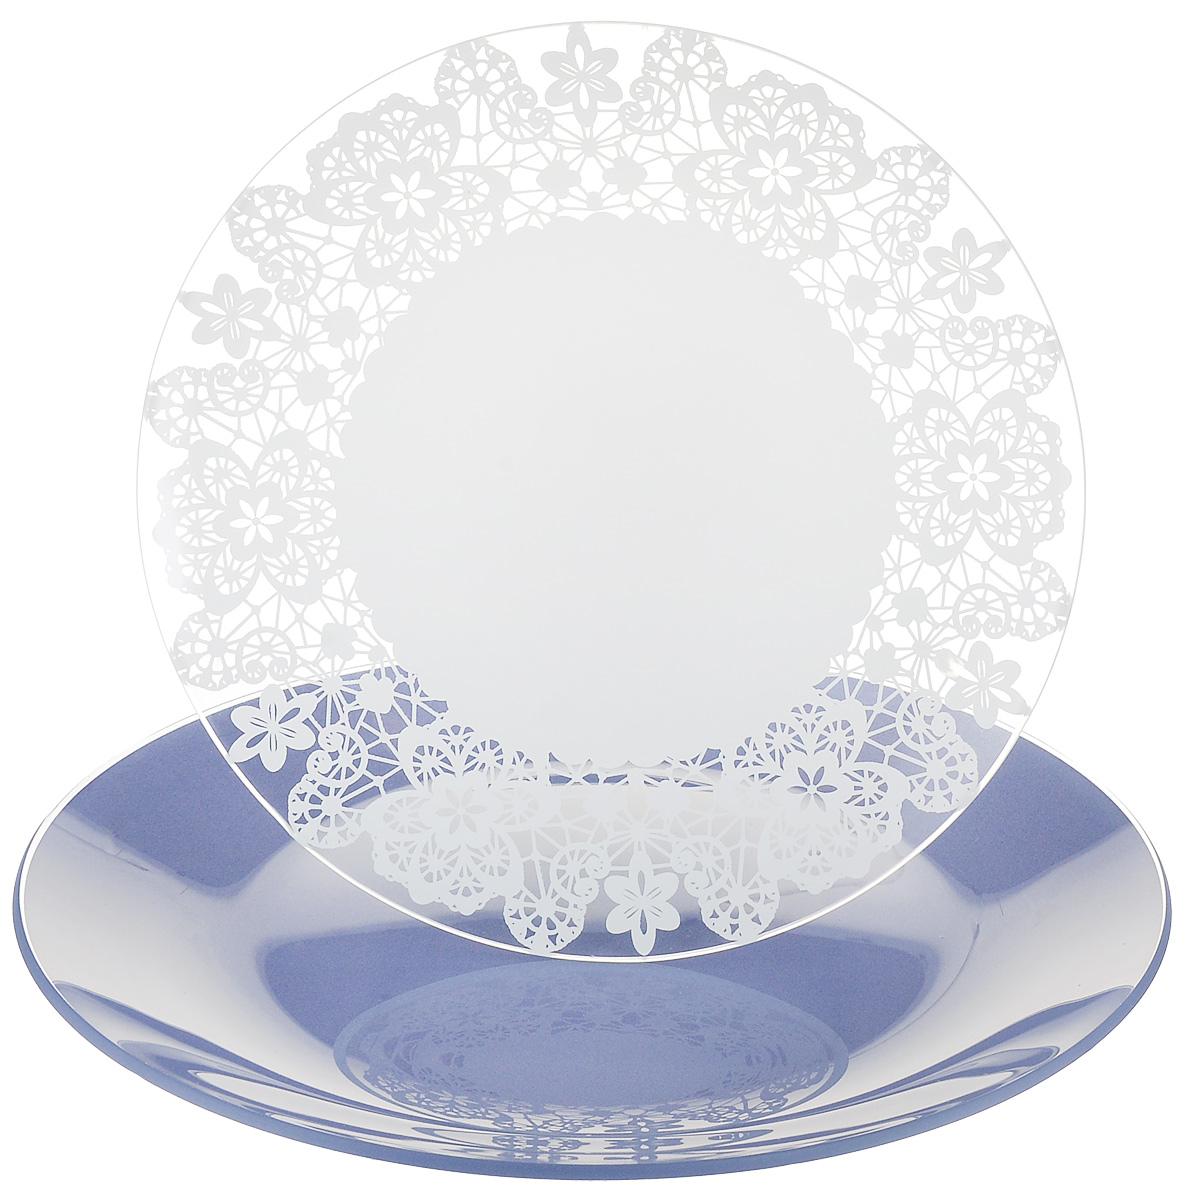 Набор тарелок NiNaGlass, цвет: голубой, диаметр 20 см, 2 шт. 85-200-142пс85-200-142псНабор тарелок NiNaGlass Кружево и Палитра выполнена из высококачественного стекла, декорирована под Вологодское кружево и подстановочная тарелка яркий насыщенный цвет. Набор идеален для подачи горячих блюд, сервировки праздничного стола, нарезок, салатов, овощей и фруктов. Он отлично подойдет как для повседневных, так и для торжественных случаев. Такой набор прекрасно впишется в интерьер вашей кухни и станет достойным дополнением к кухонному инвентарю.